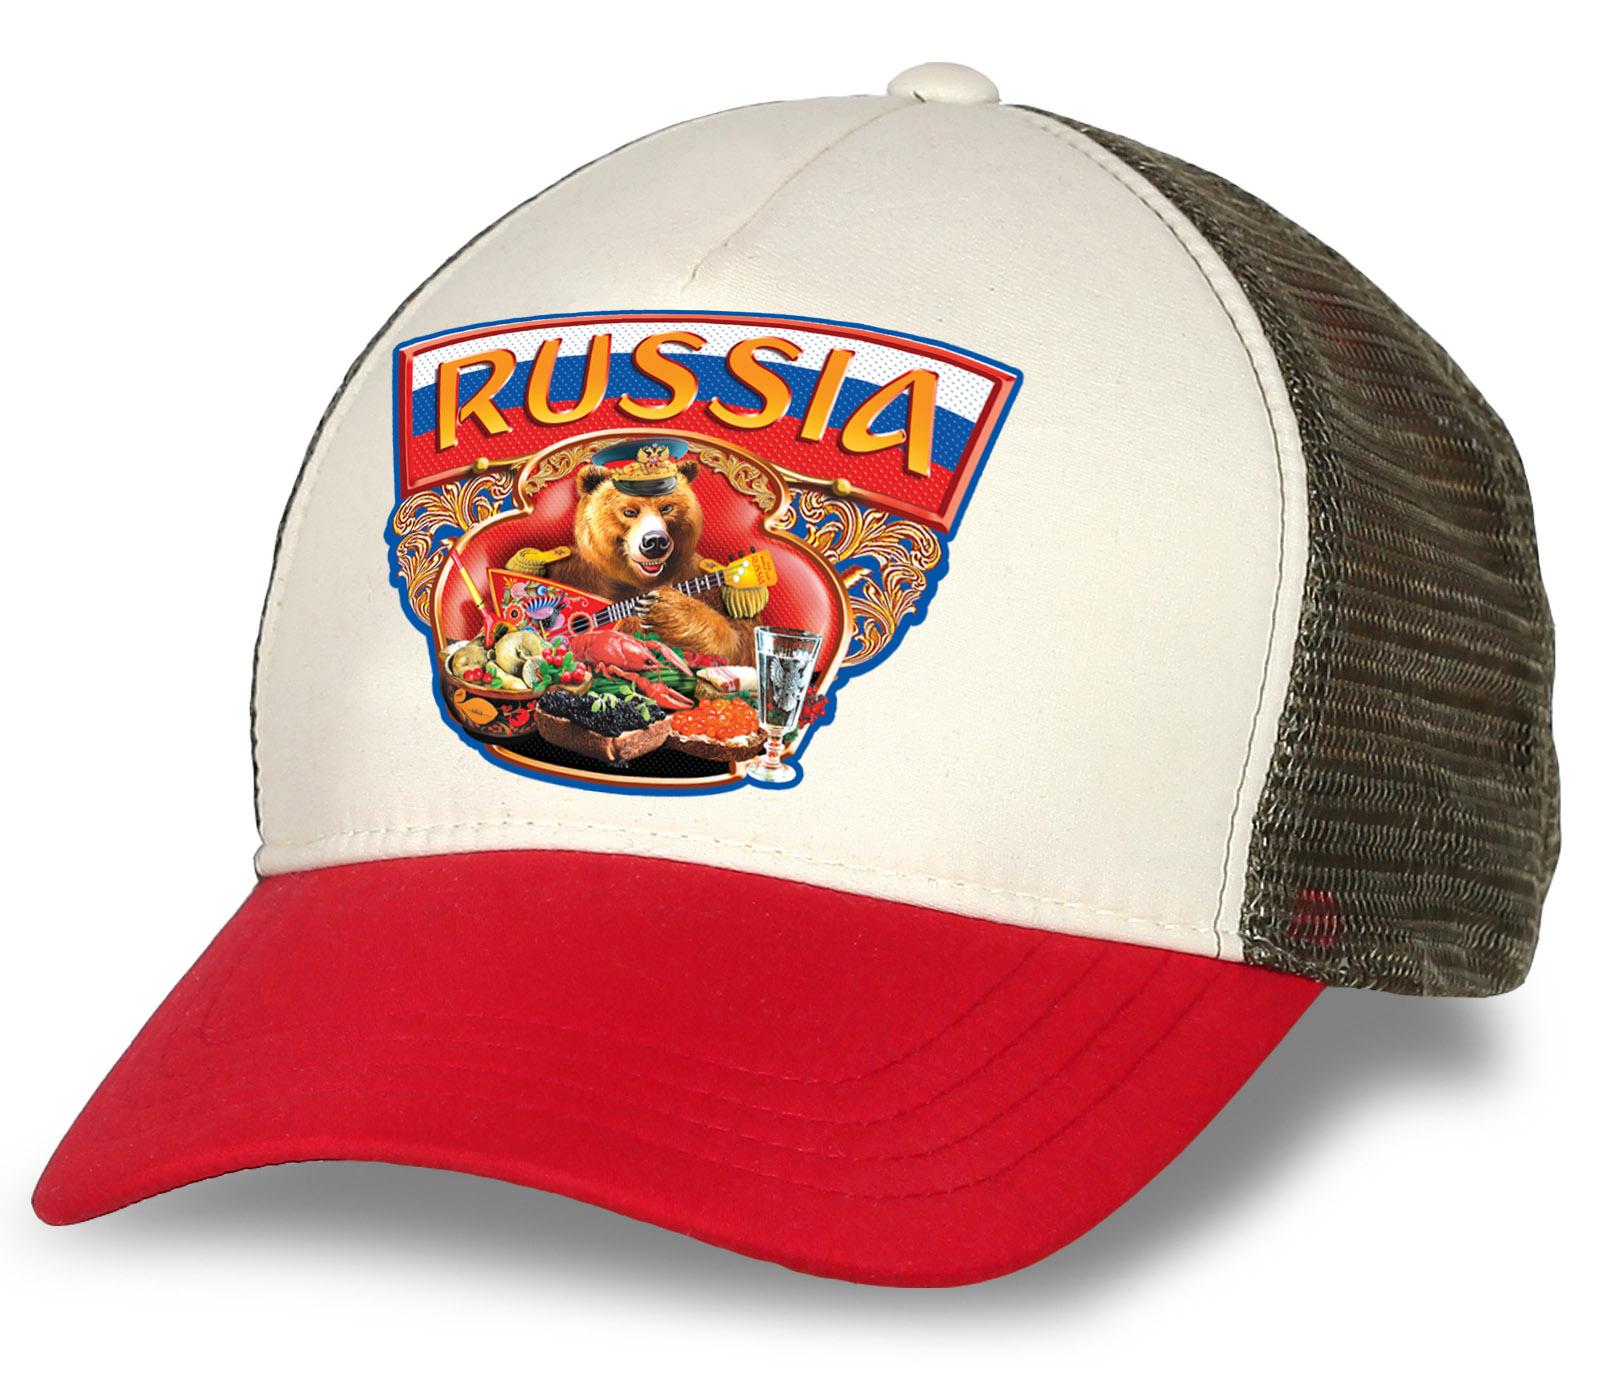 """Бейсболка-трекер """"Russia"""" с национальным бурым медведем. Оригинальная модель, которая понравится патриотам и болельщикам. Заказывайте смело!"""